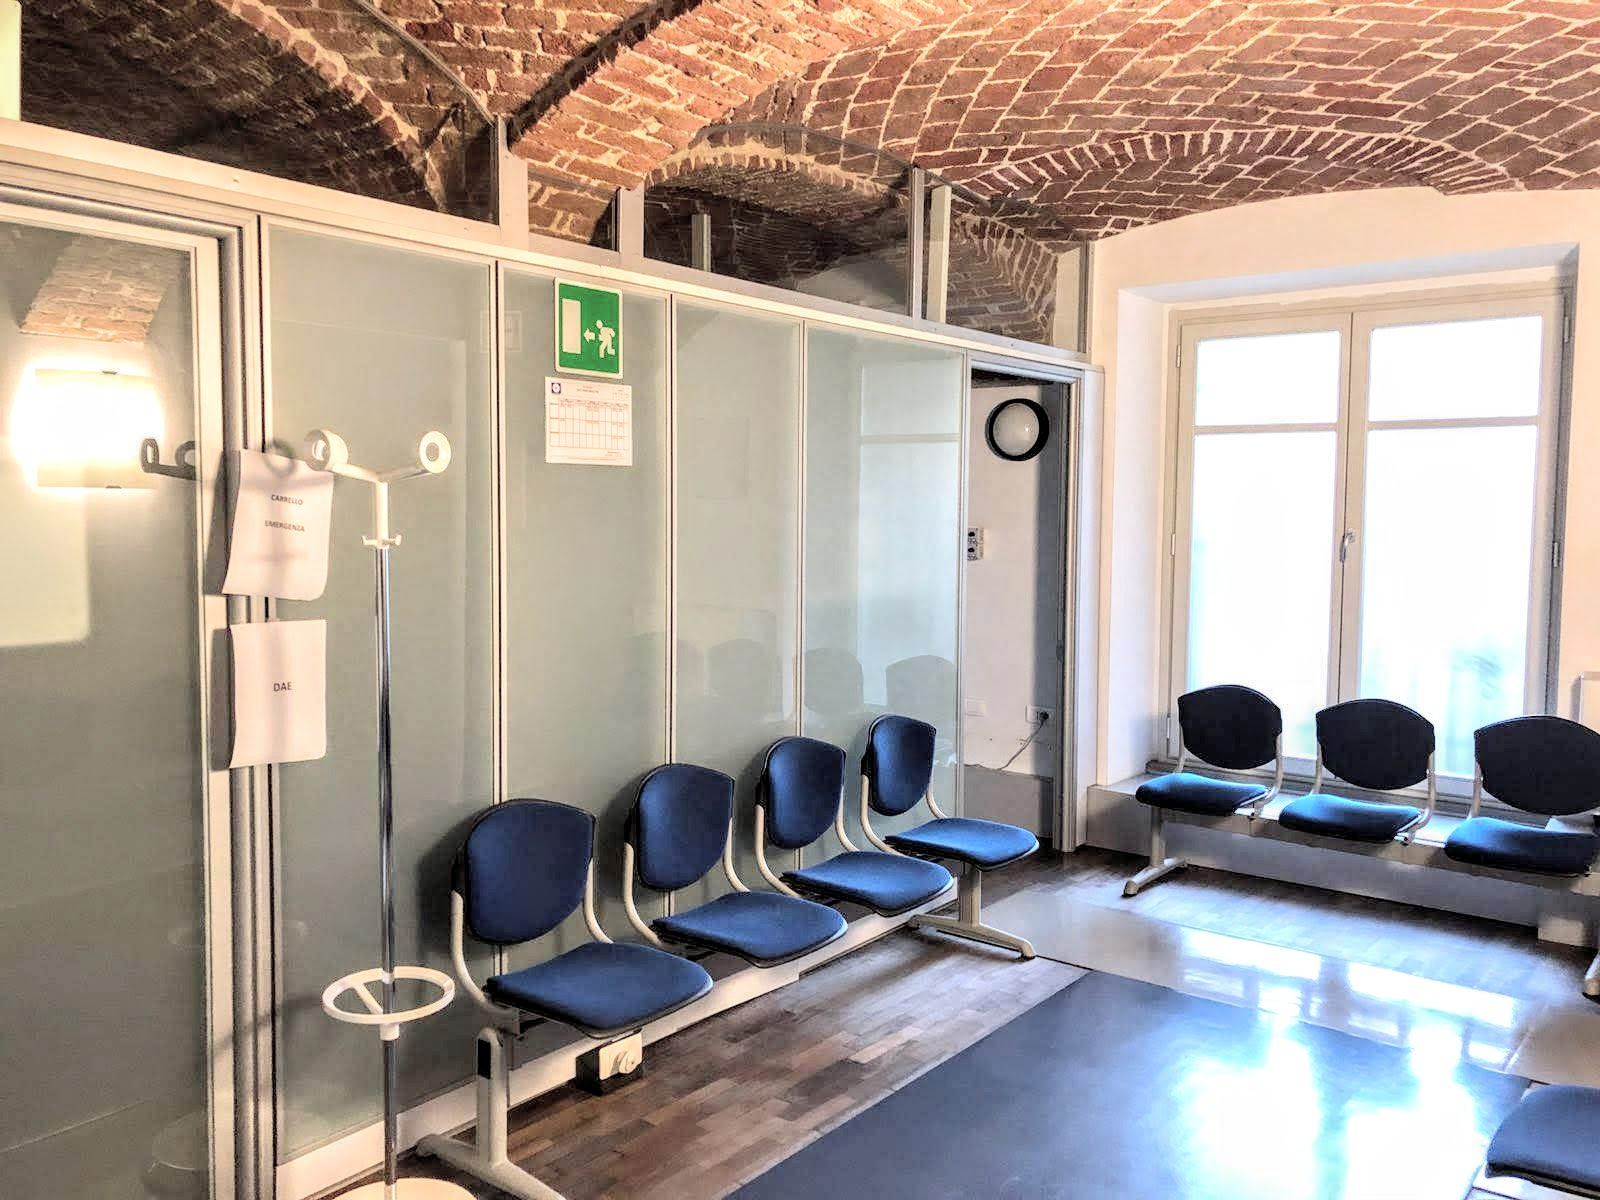 Negozio / Locale in affitto a Casale Monferrato, 9999 locali, prezzo € 1.000   CambioCasa.it